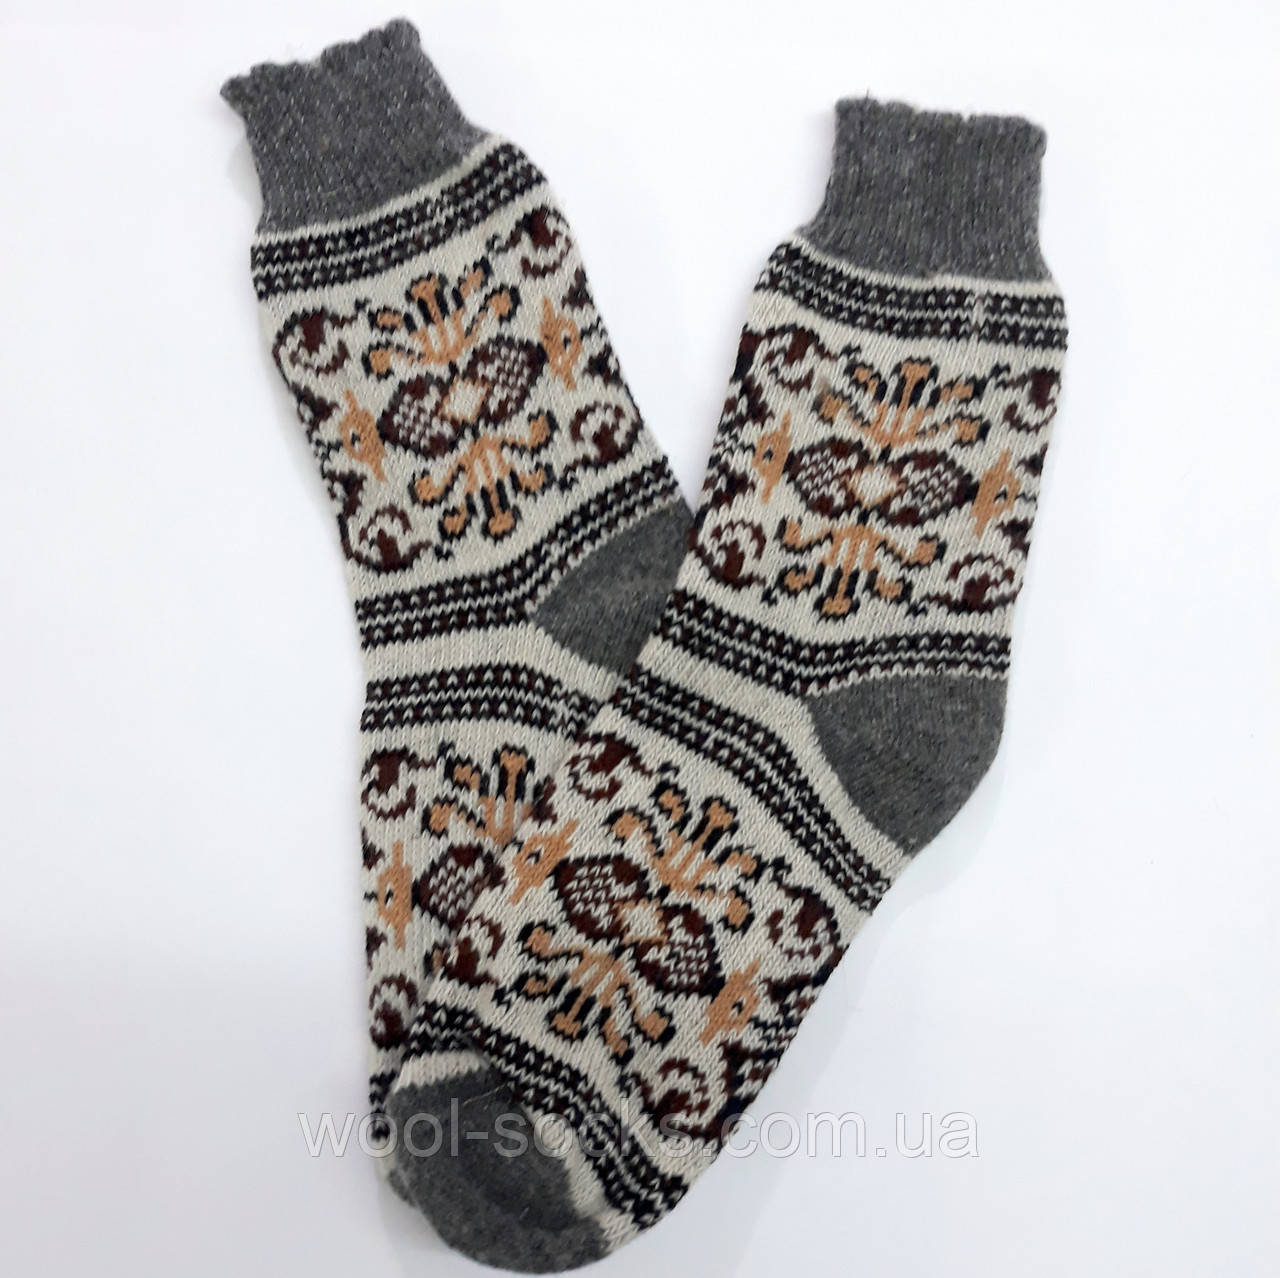 Носки из овчины вязаные